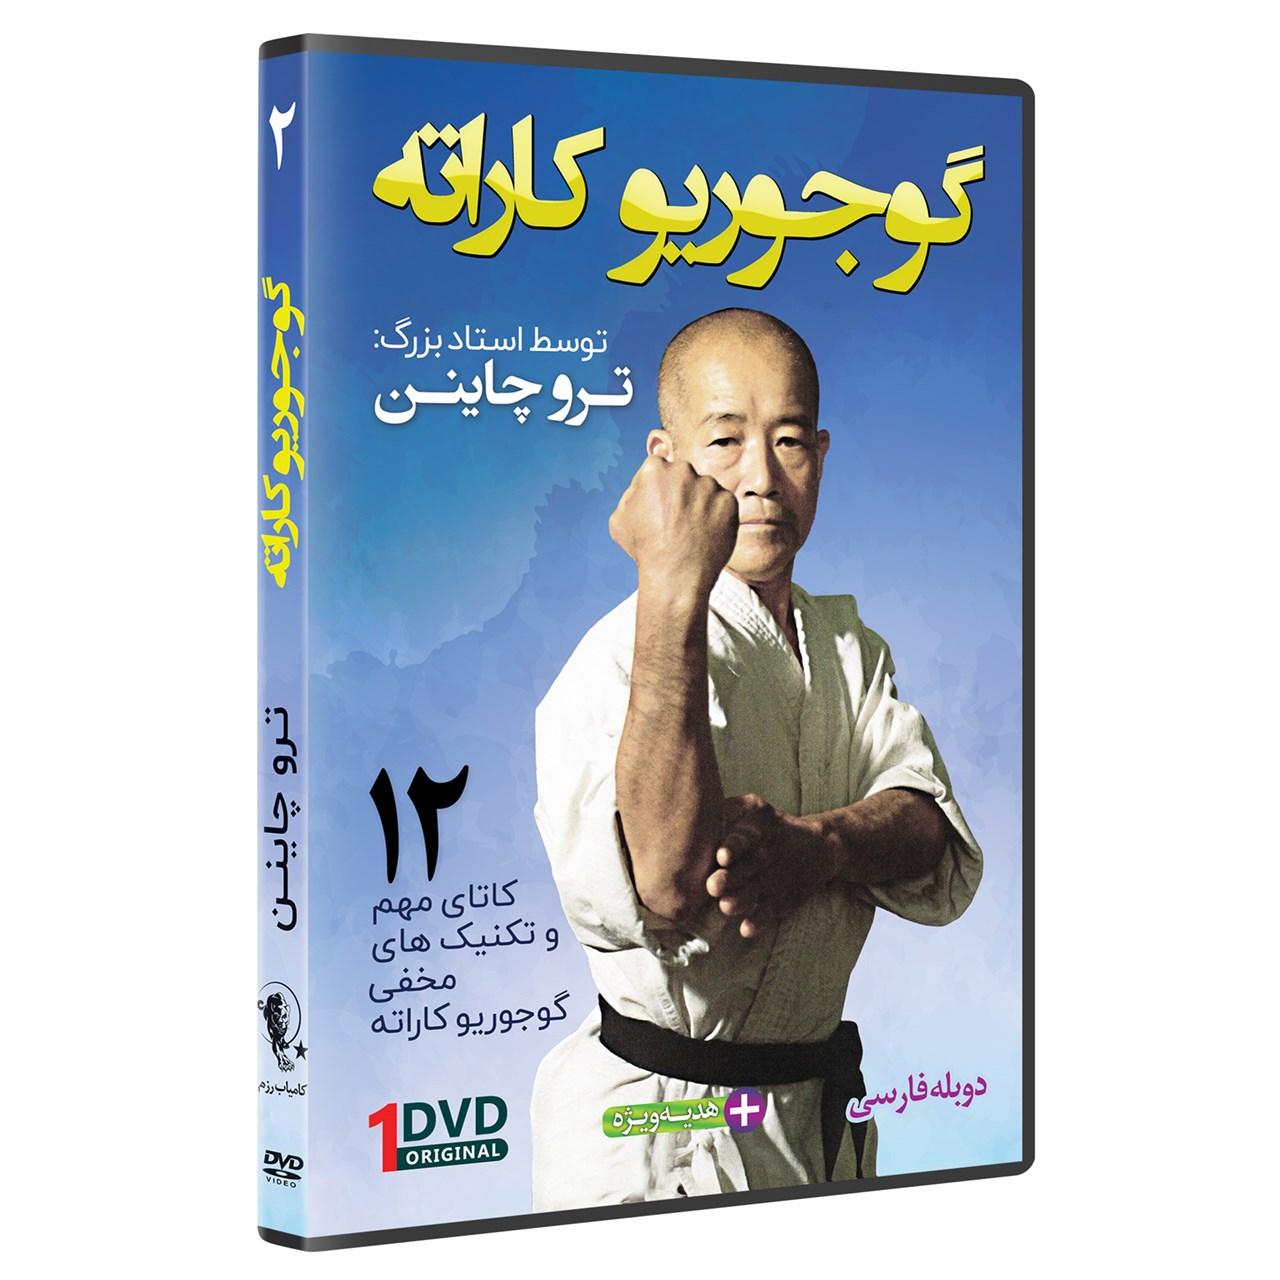 عکس فیلم آموزش سبک گوجوریو کاراته قسمت 2 نشرکامیاب رزم